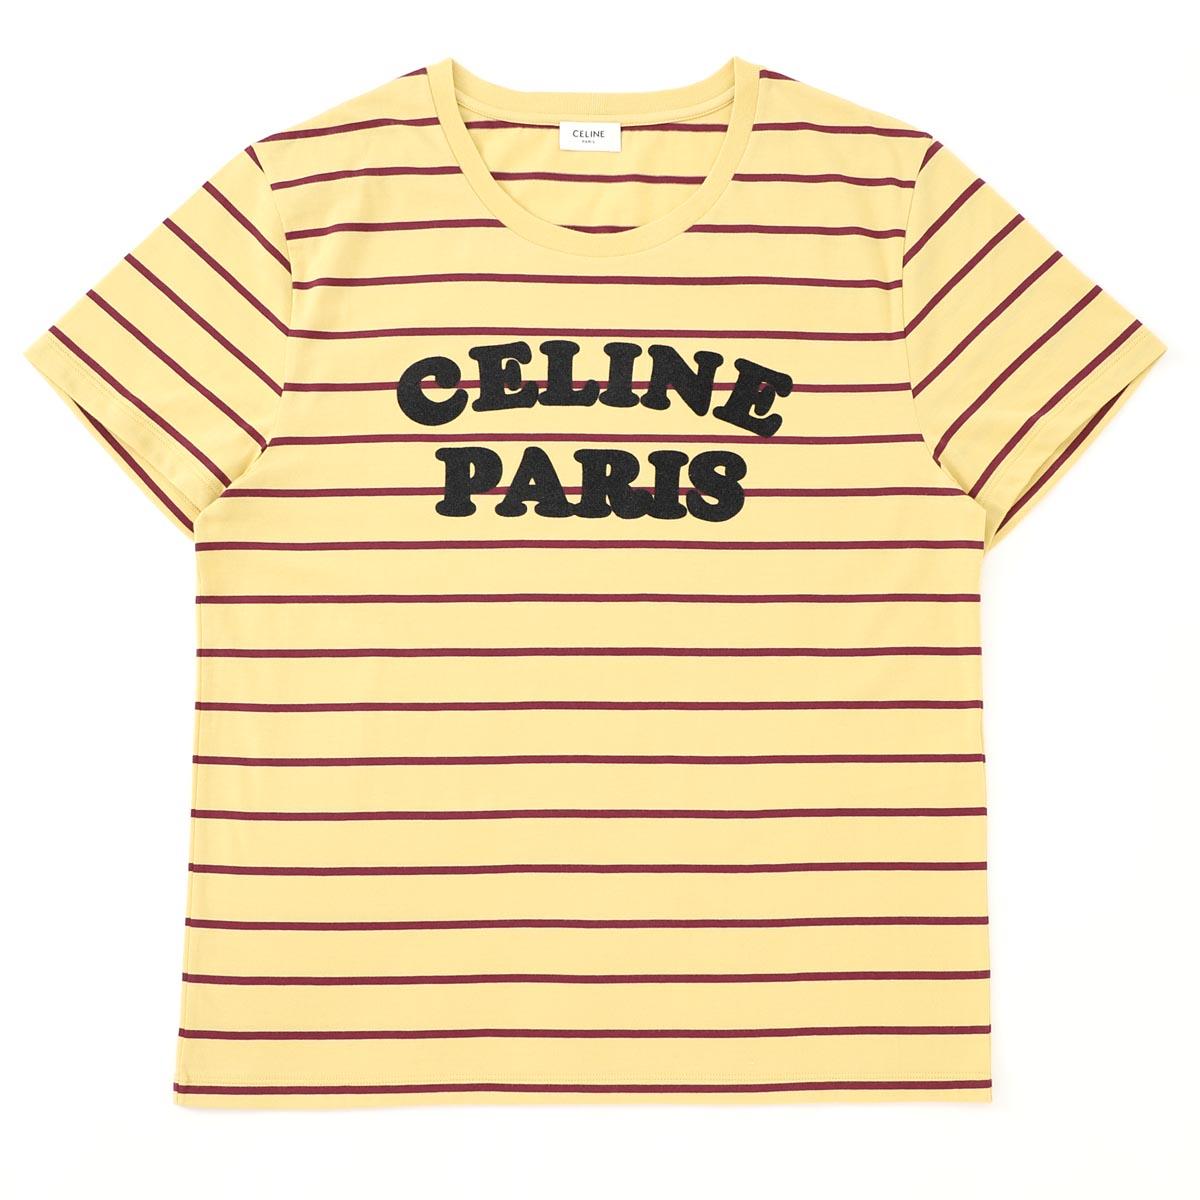 セリーヌ CELINE Tシャツ イエロー メンズ 2x309 810i 14yd JERSEY RAYE CELINE PARIS【あす楽対応_関東】【返品送料無料】【ラッピング無料】